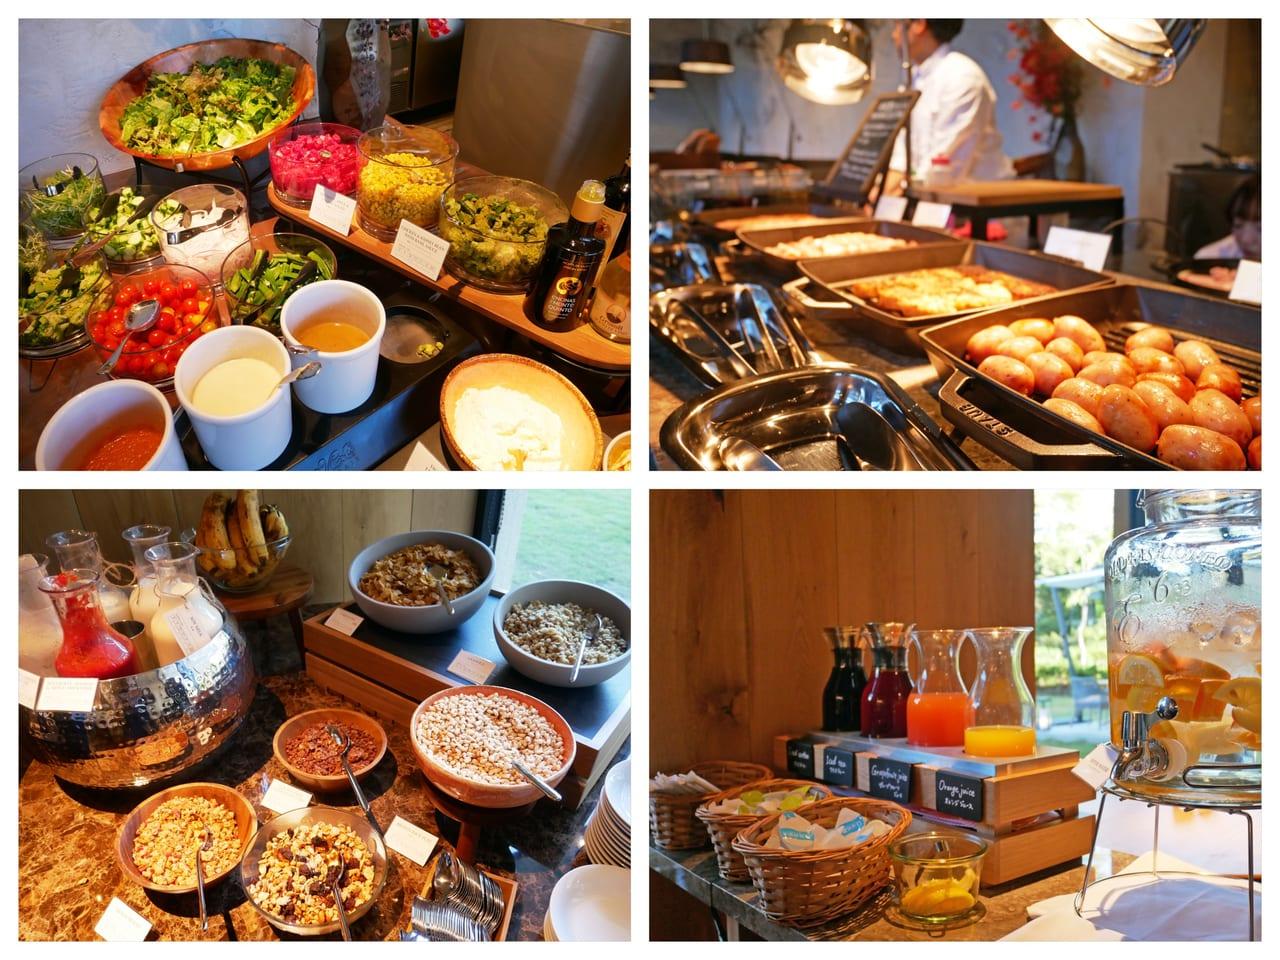 三井ガーデンホテル神宮外苑の杜プレミア 朝食ブッフェ